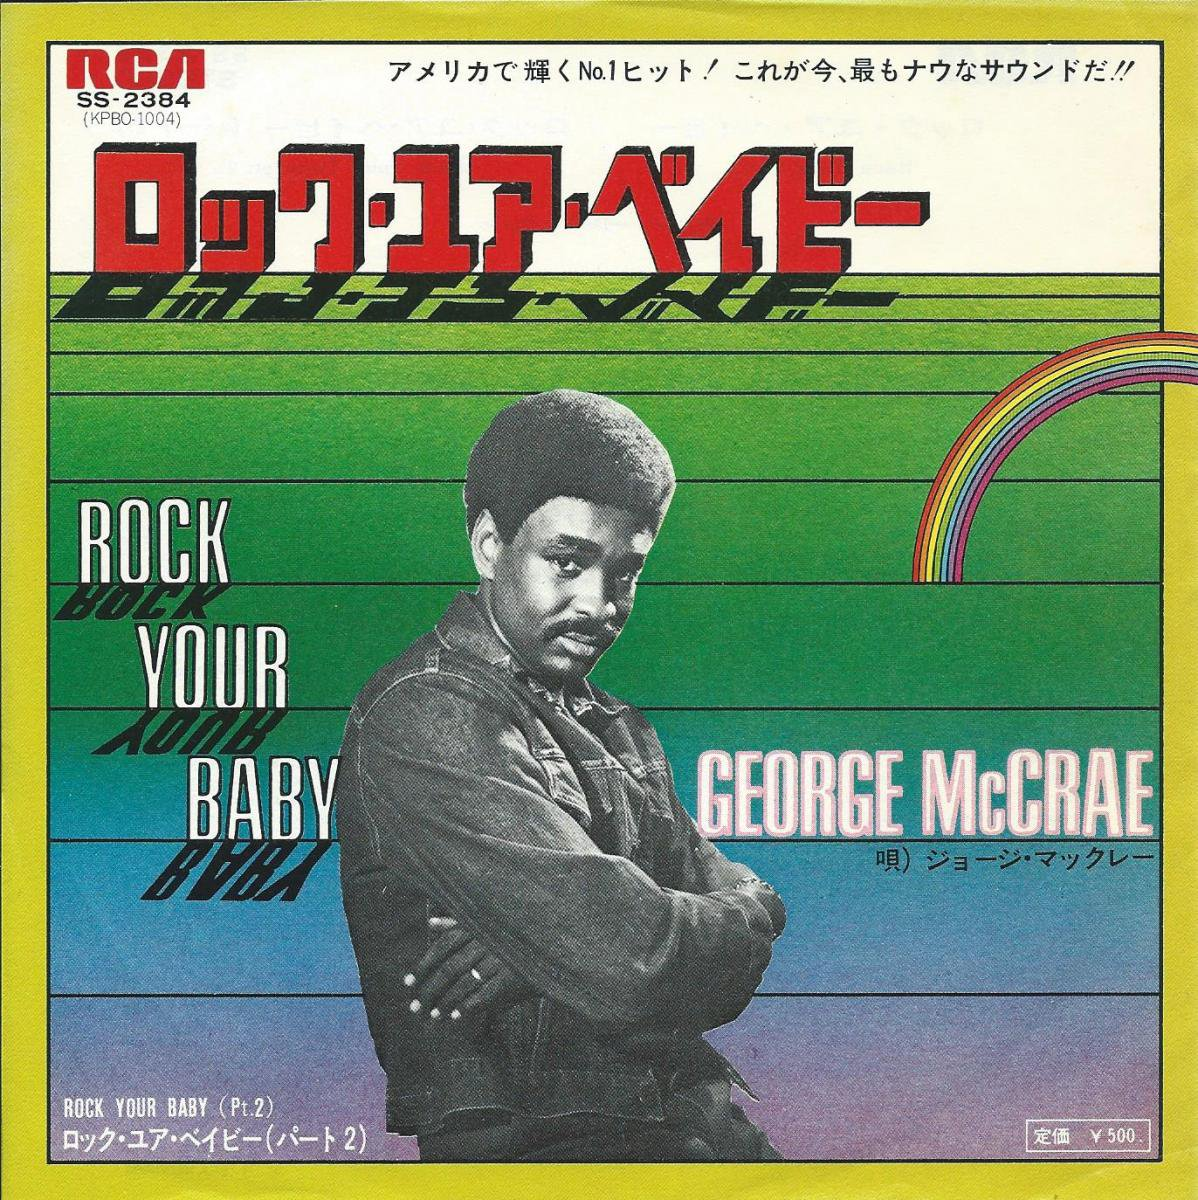 ジョージ・マックレー GEORGE McCRAE / ロック・ユア・ベイビー ROCK YOUR BABY (7